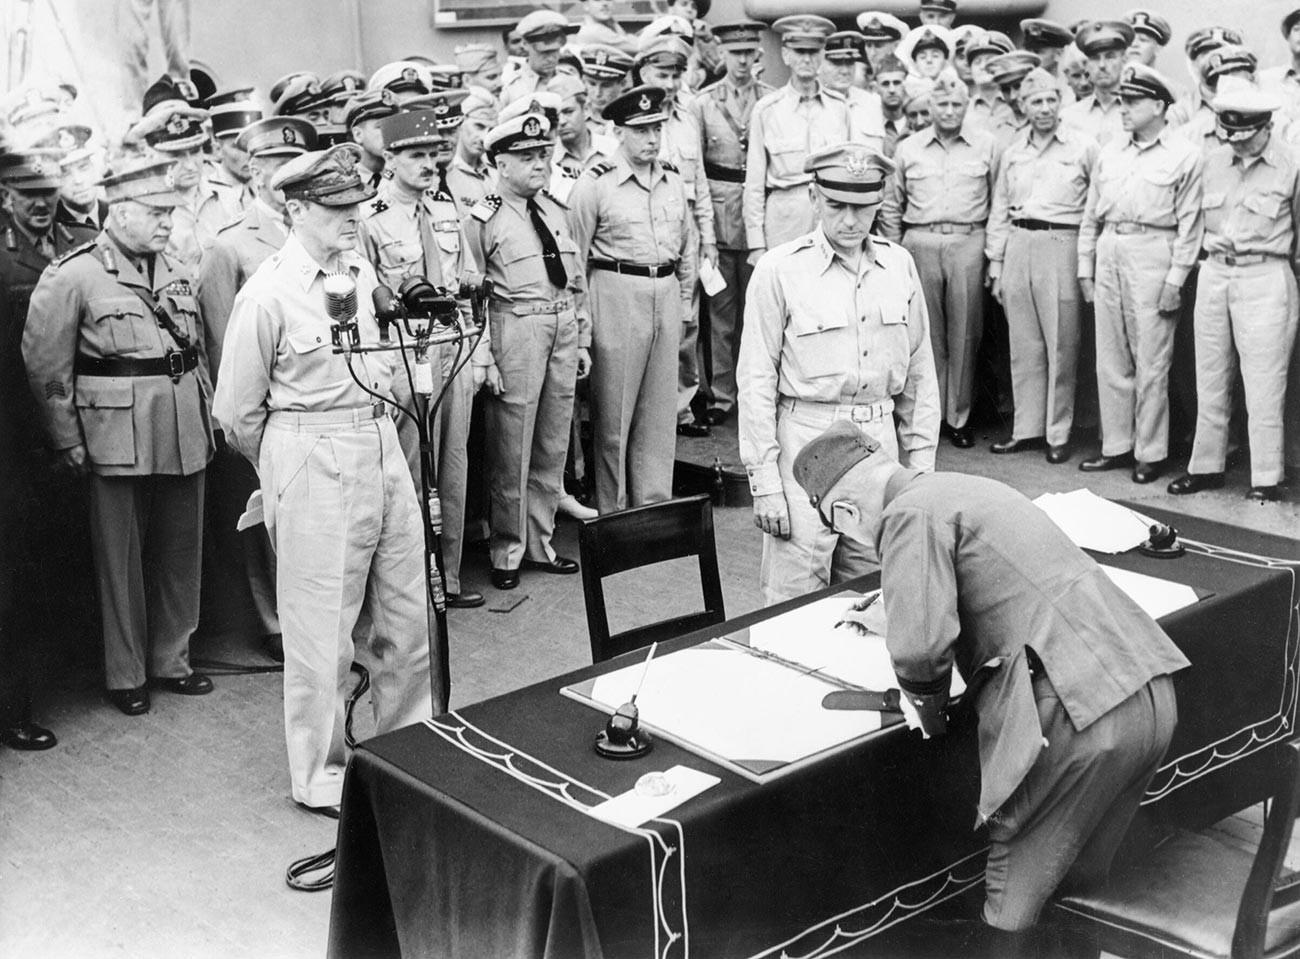 Rendição japonesa na baía de Tóquio, 2 de setembro de 1945